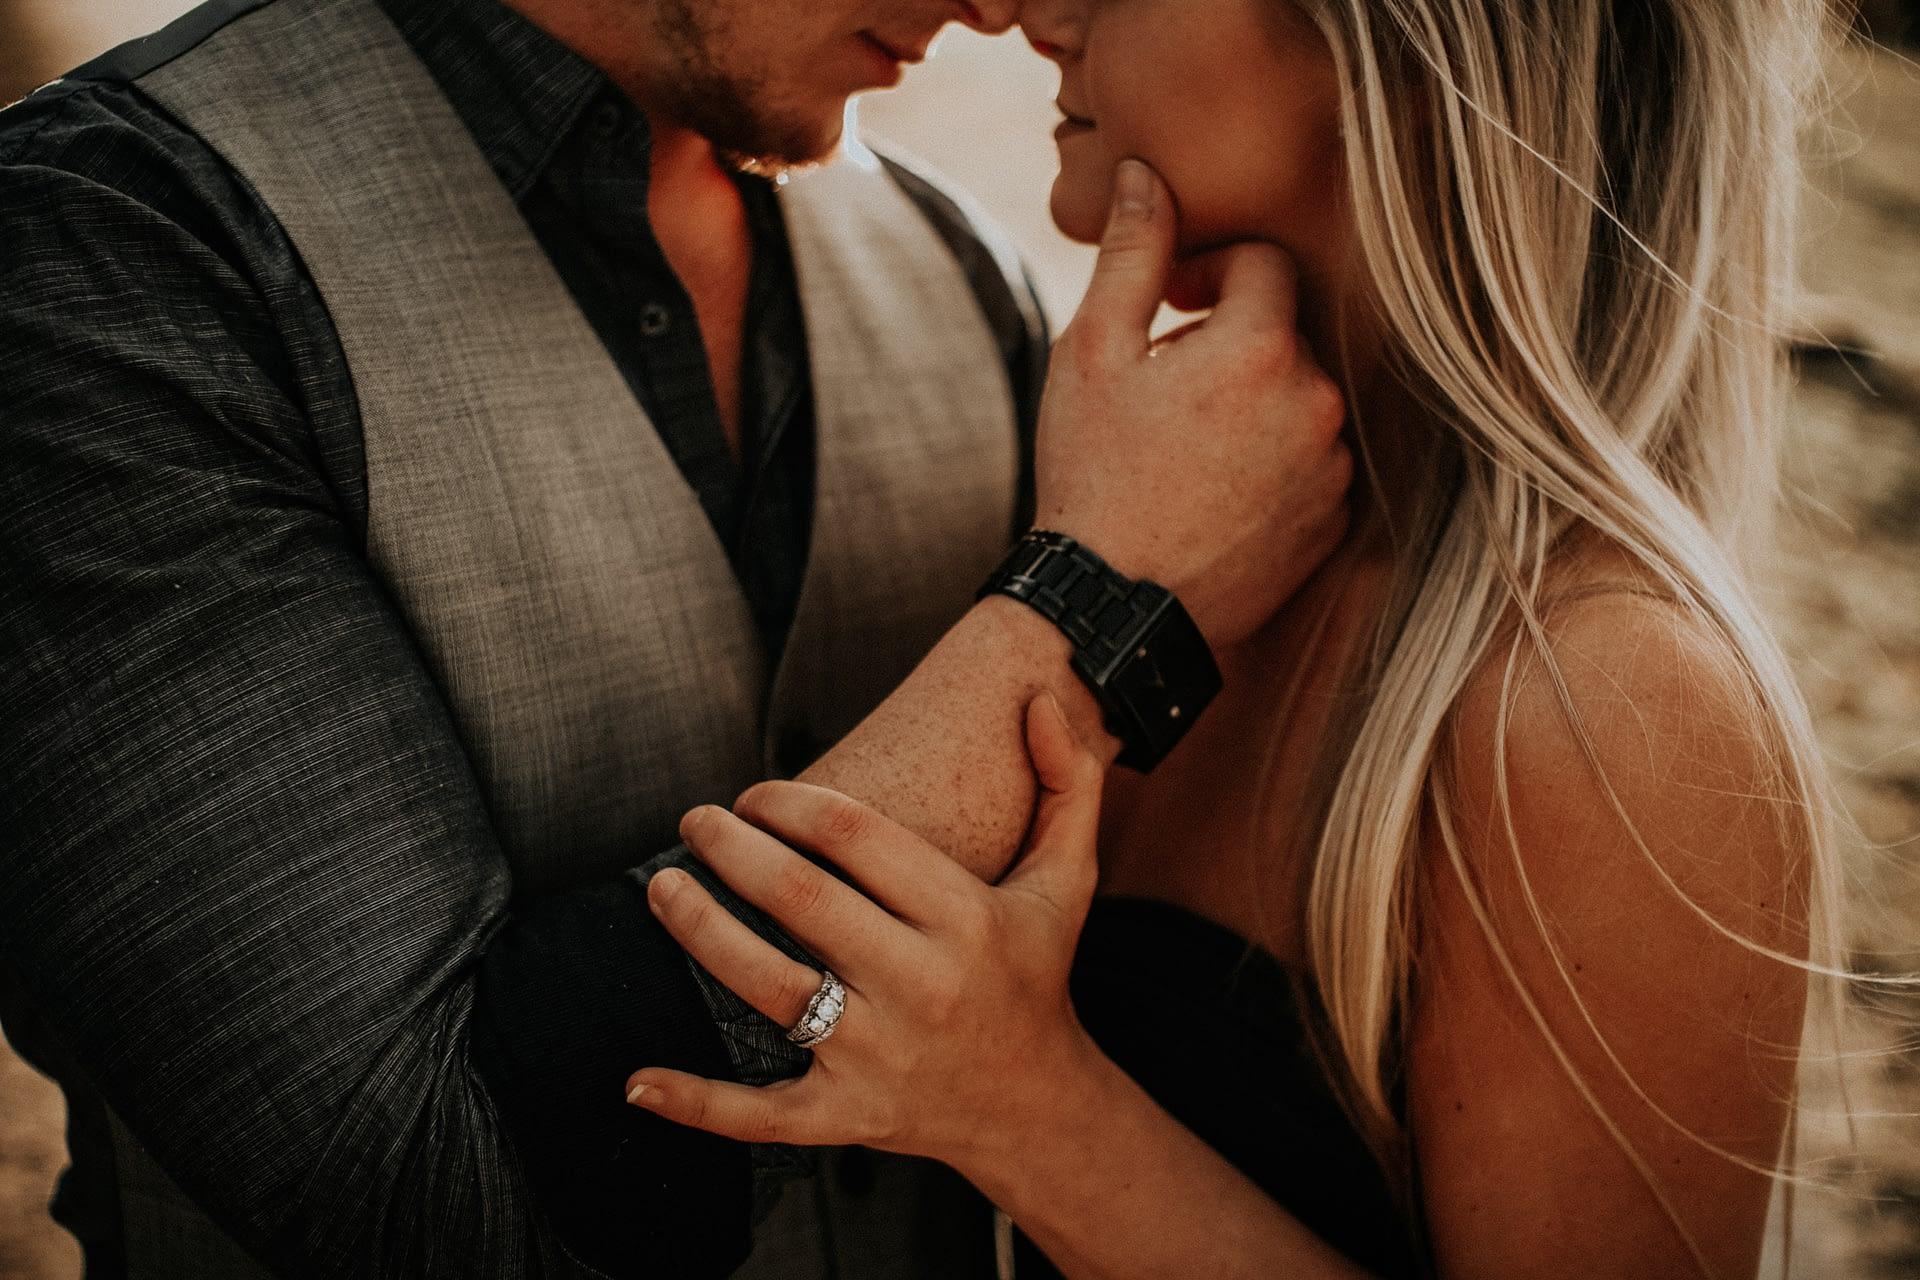 Les choix affectifs dans le couple